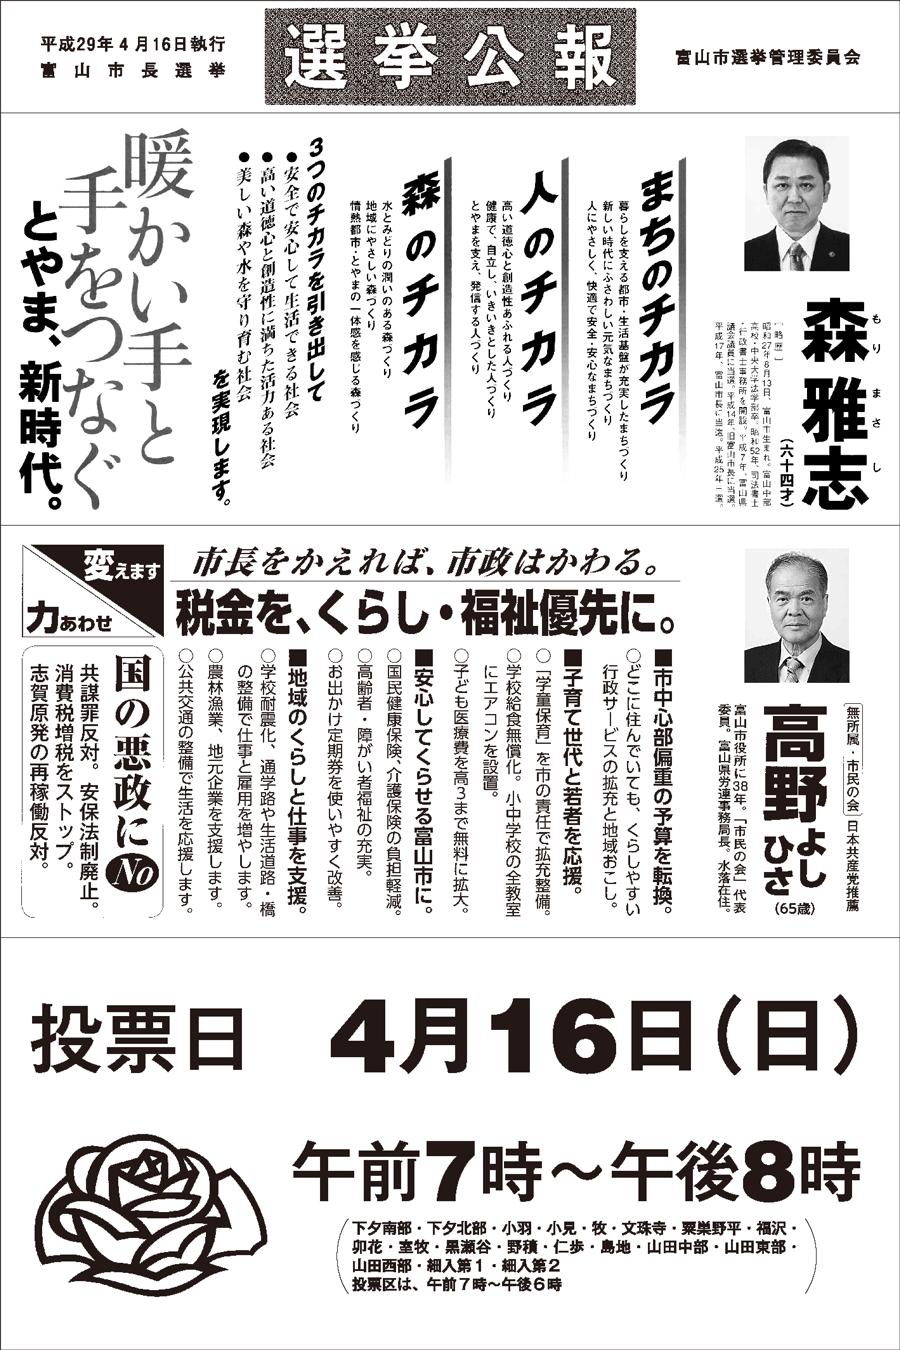 富山市長選挙2017の選挙公報